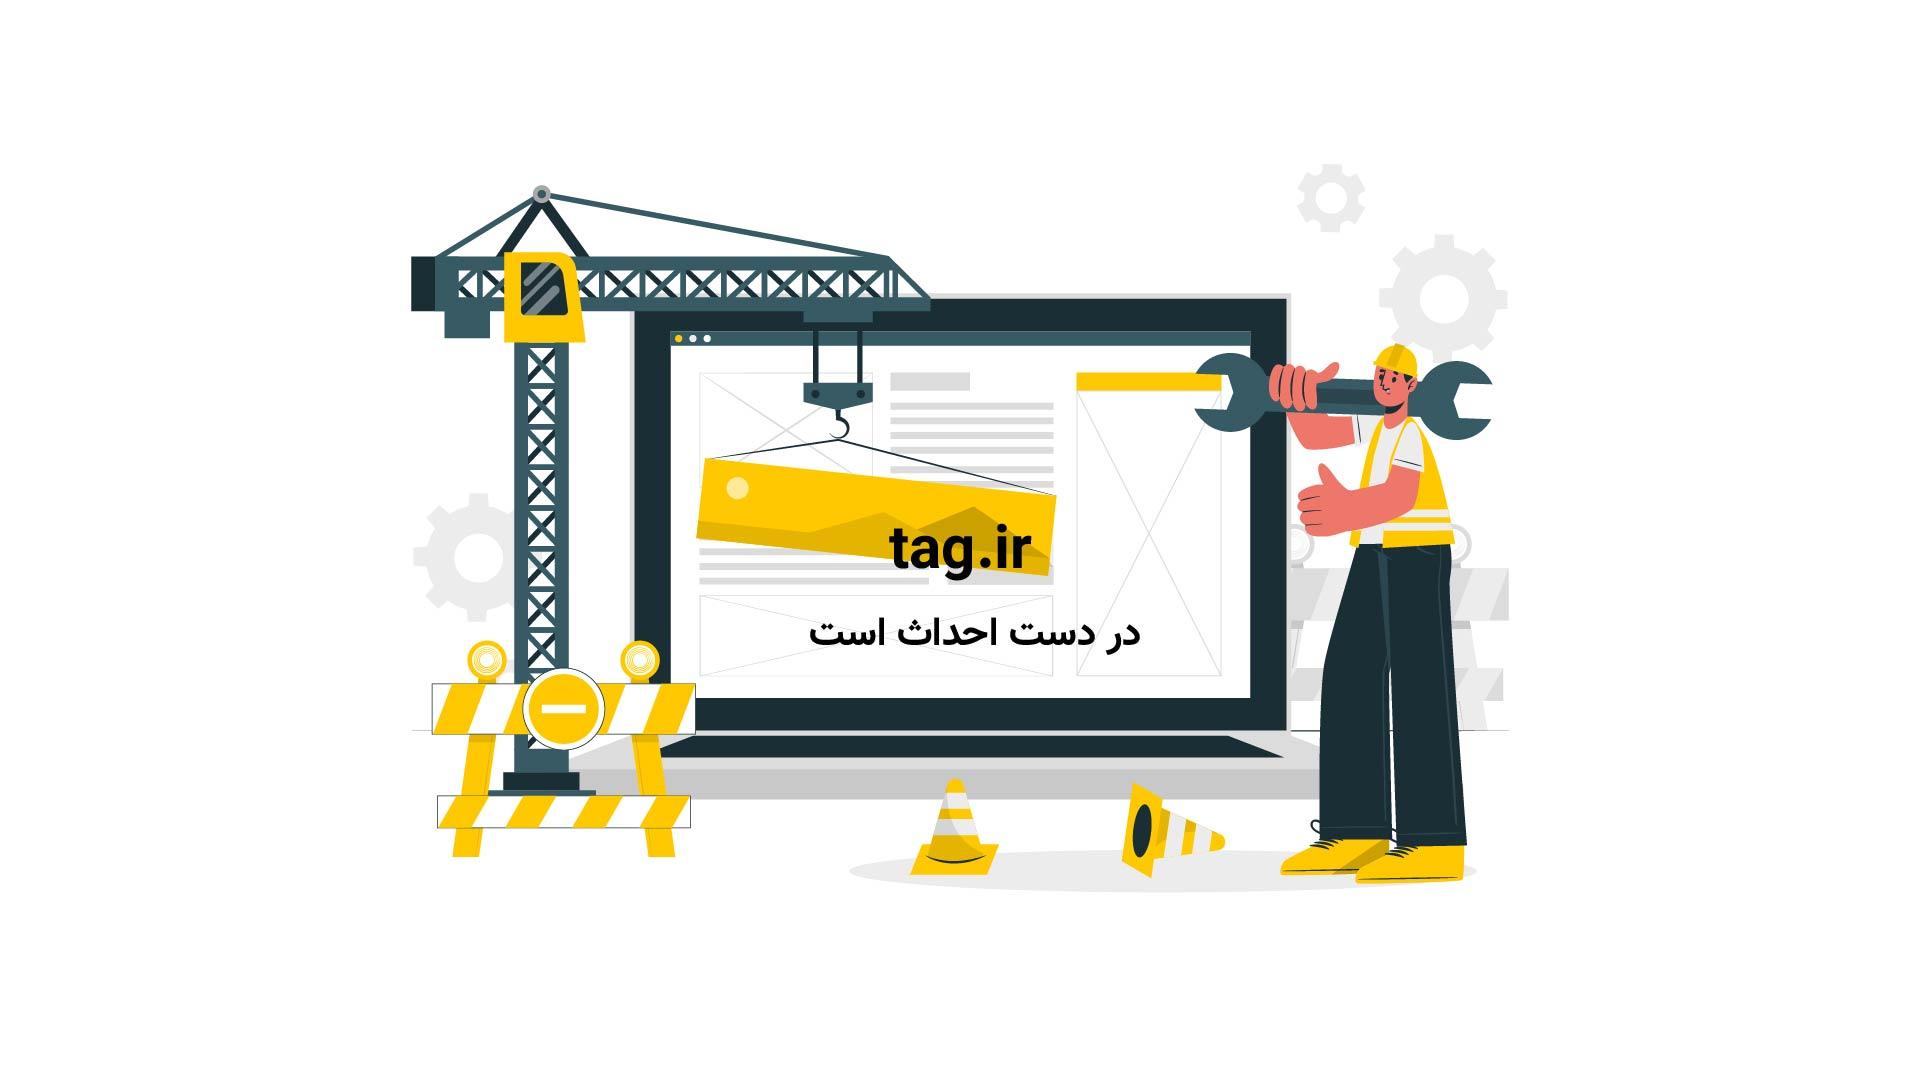 پیش بازی بارسلونا و منچسترسیتی - جدال دو یار قدیمی | فیلم